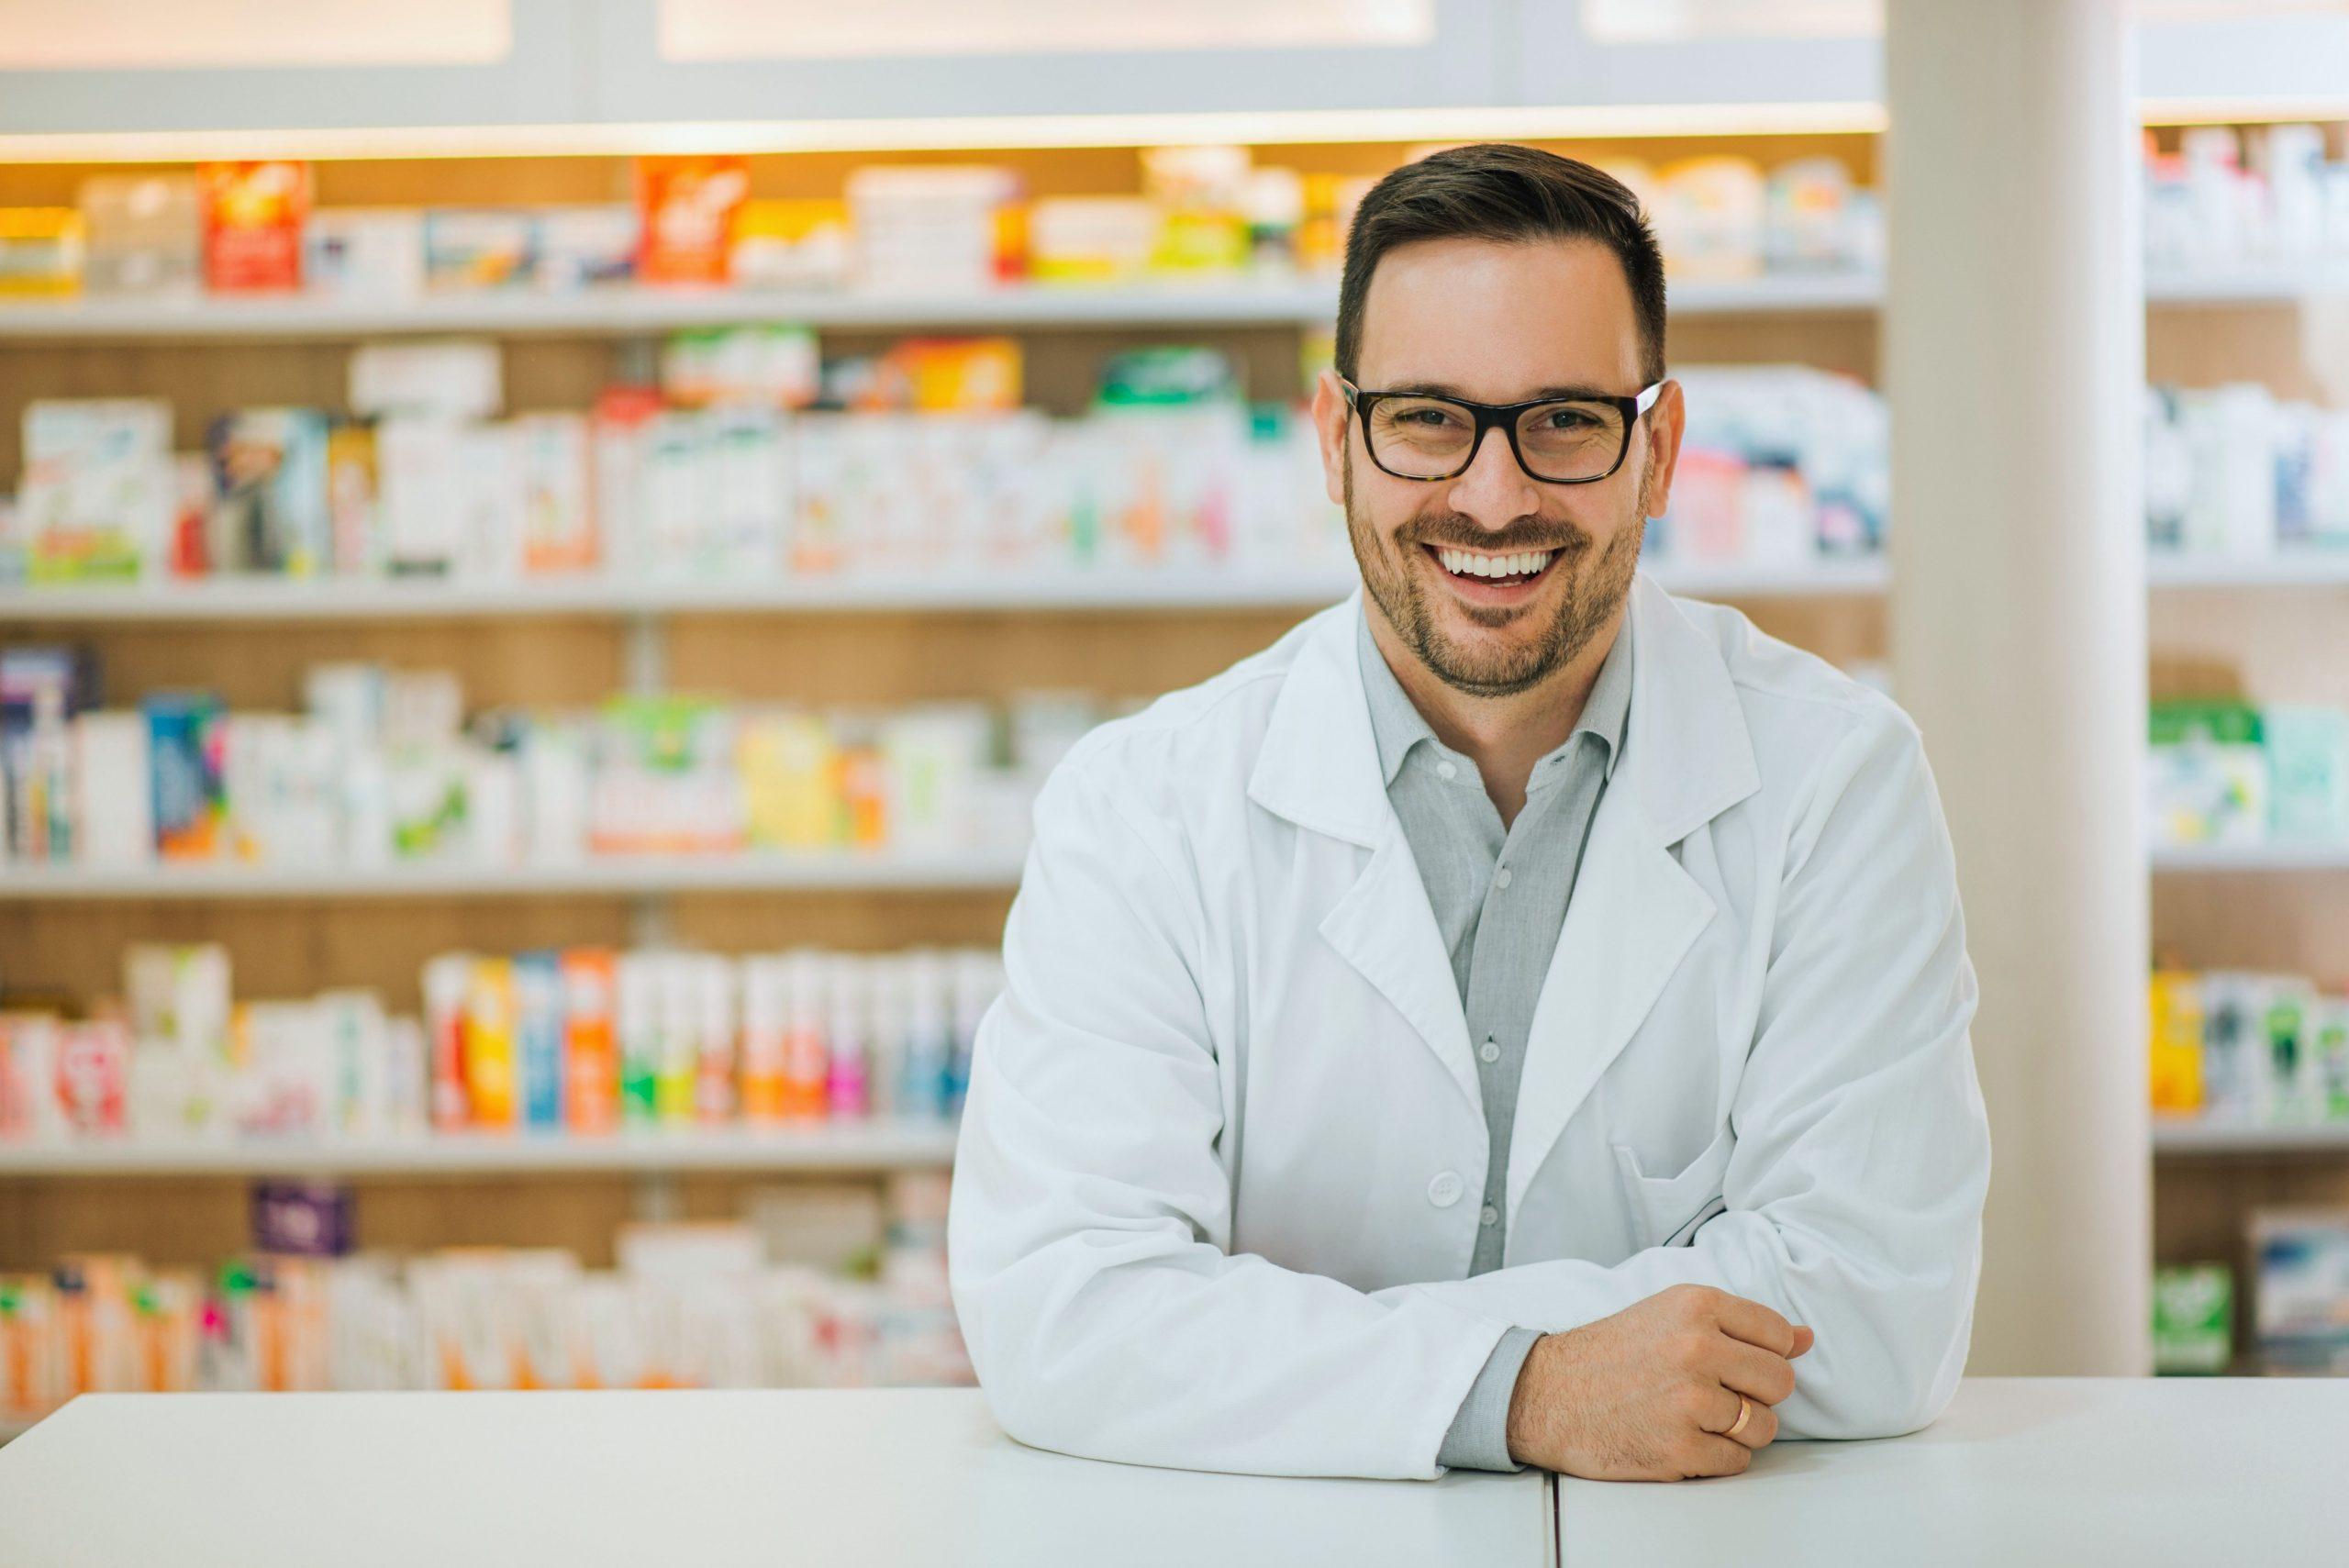 Motivos para abrir uma farmácia